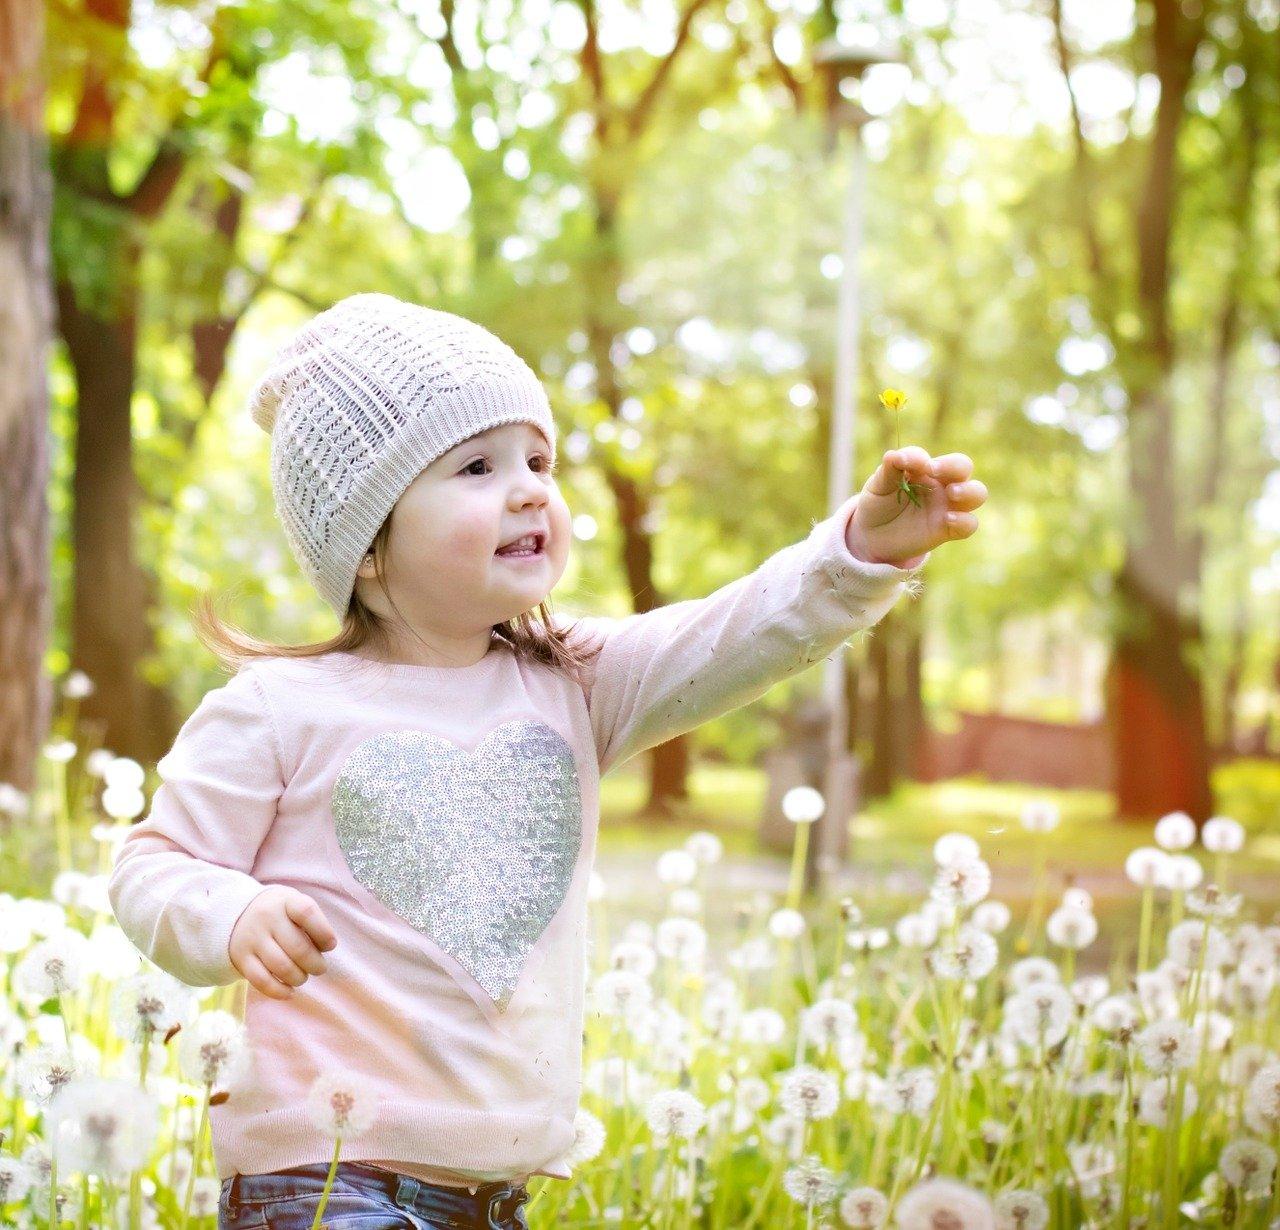 Wiosna blisko, wierszyk dla dzieci na powitanie wiosny